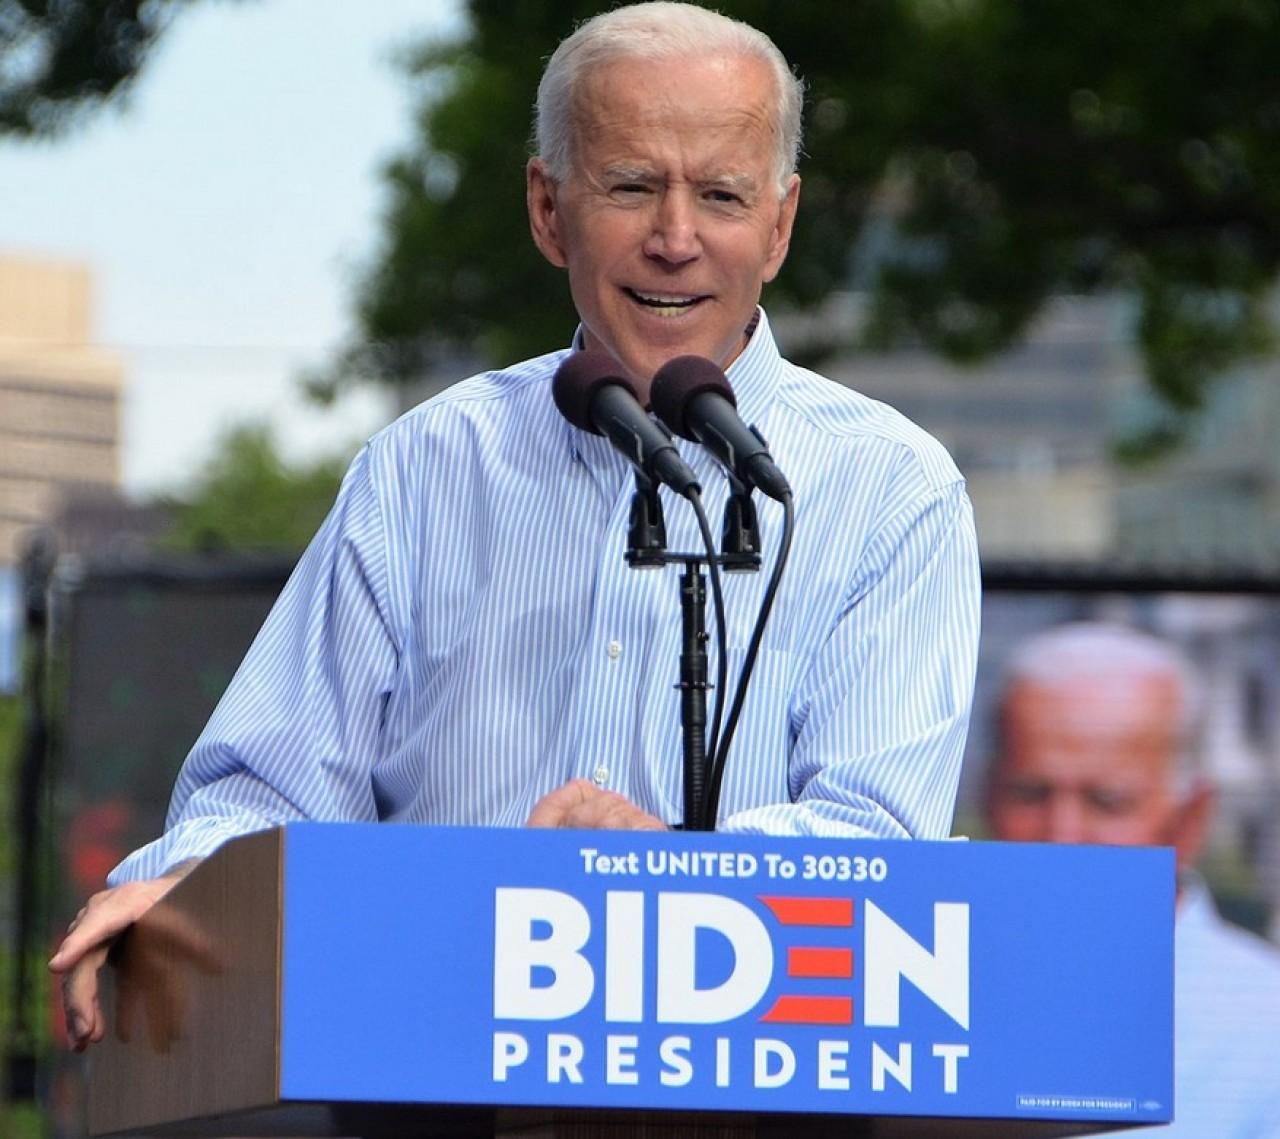 Joe Biden doit sauf surprise être investi 46ᵉ président des États-Unis le 20 janvier 2021. © Wikipédia